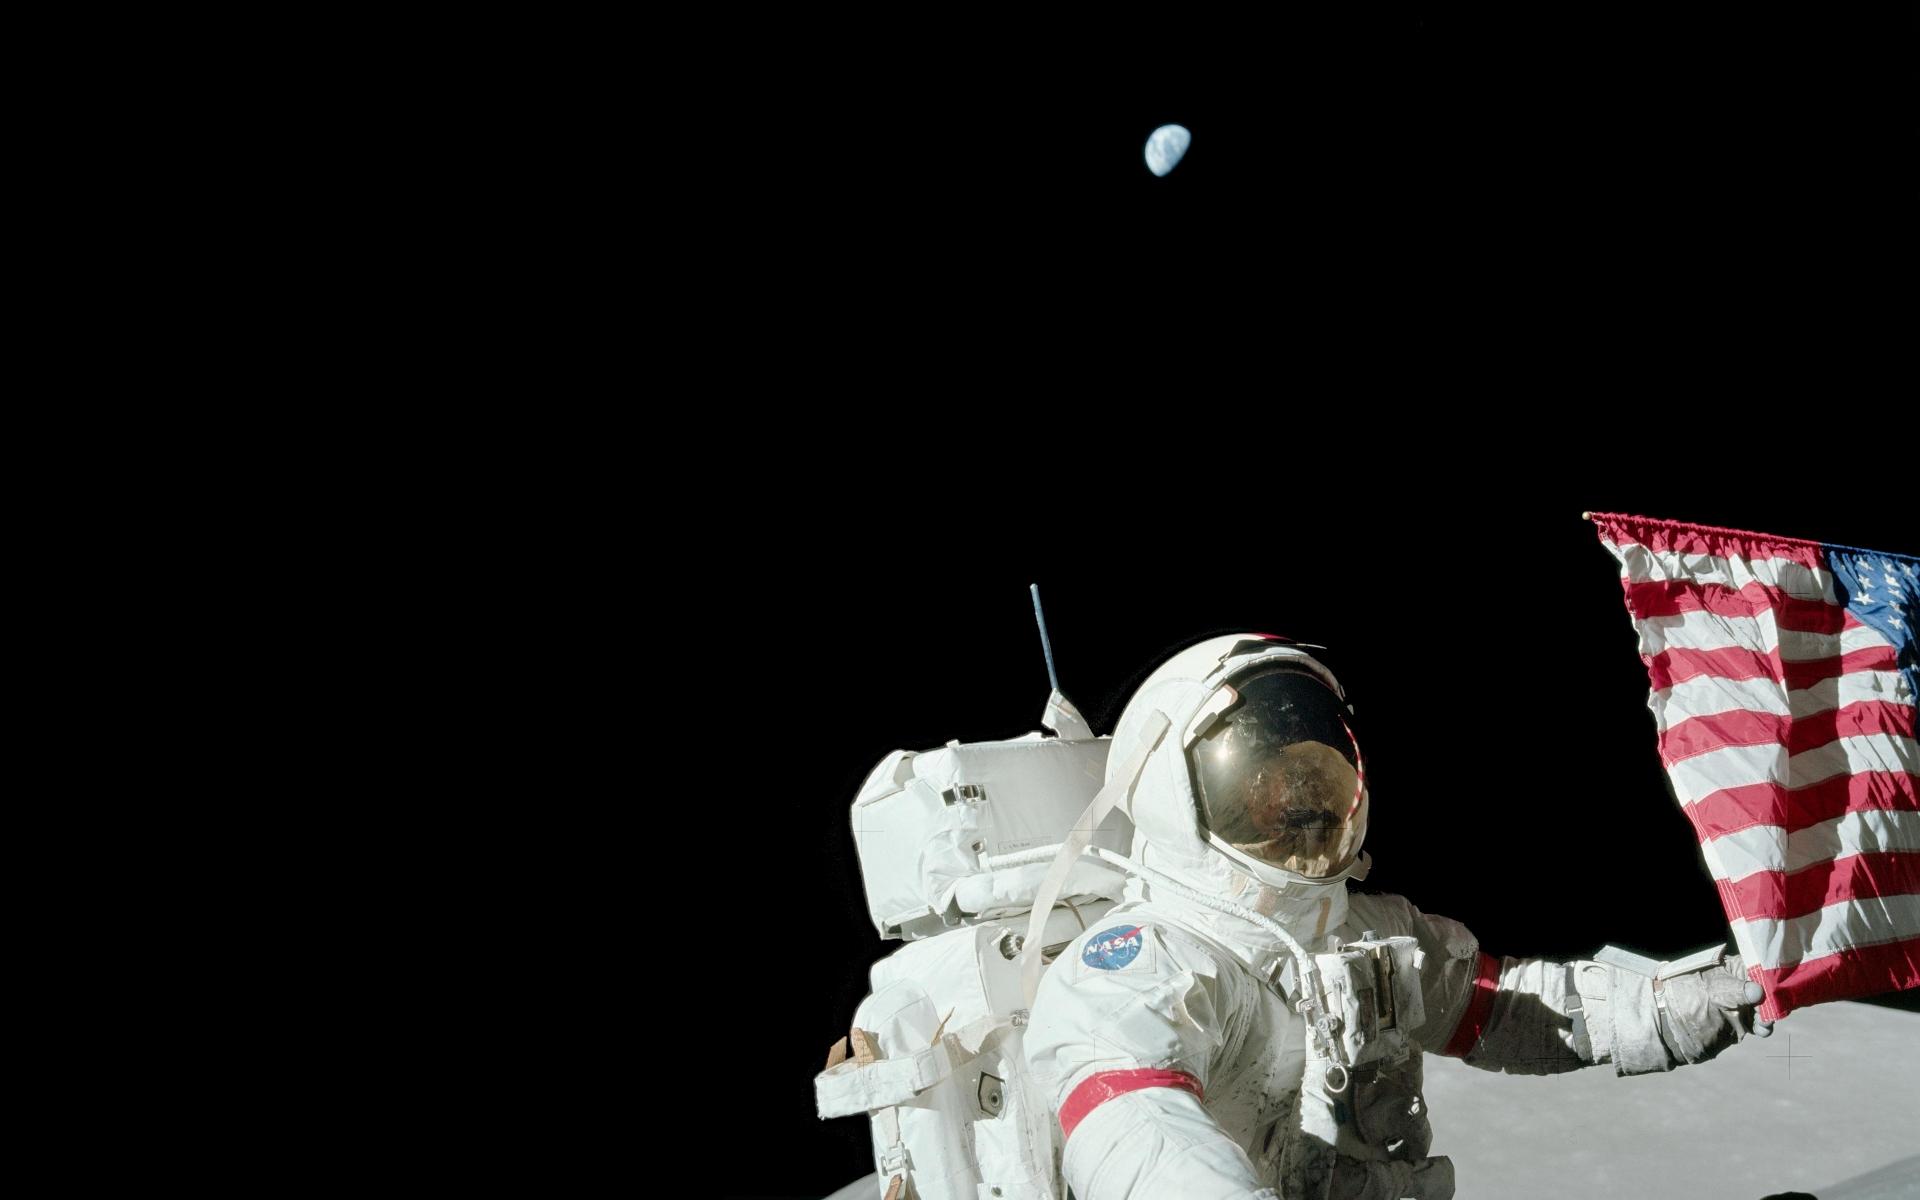 astronaut on moon wallpaper - photo #11